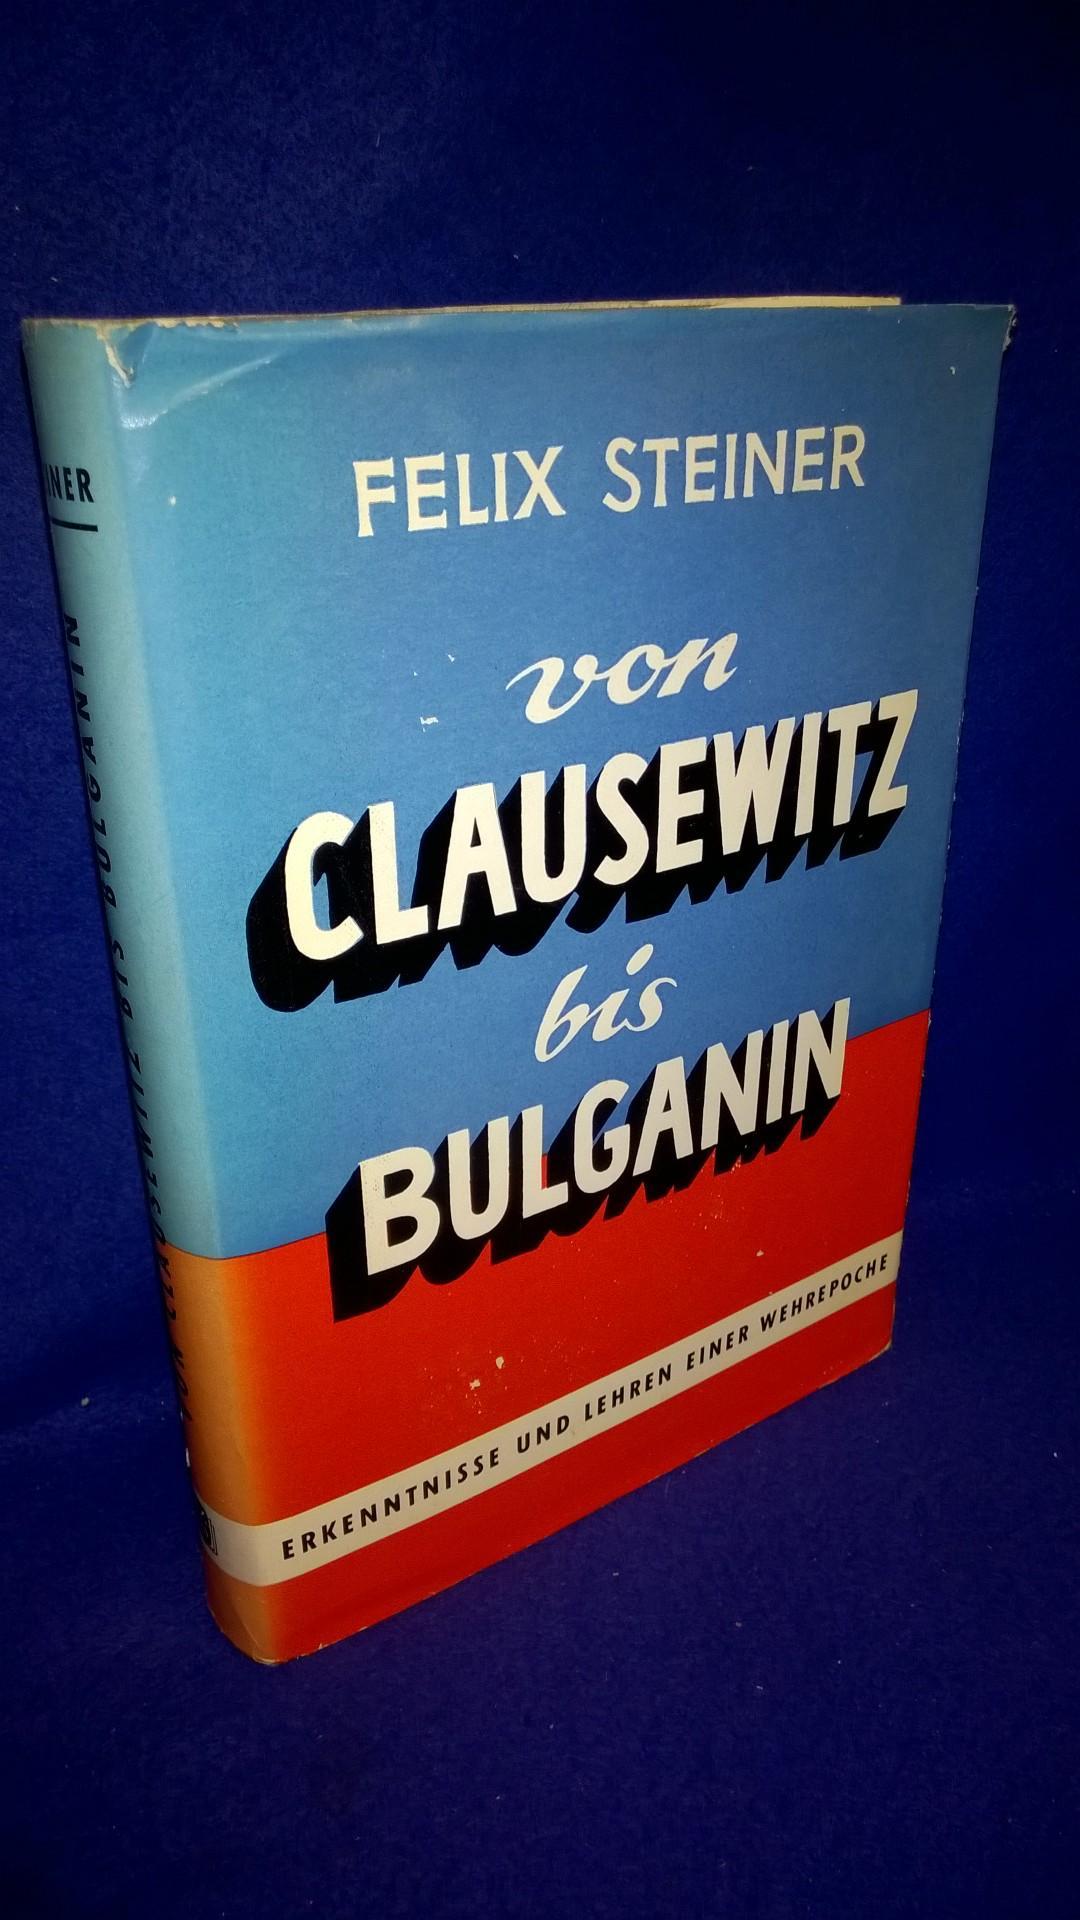 Von Clausewitz bis Bulganin - Erkenntnisse und Lehren einer Wehrepoche.